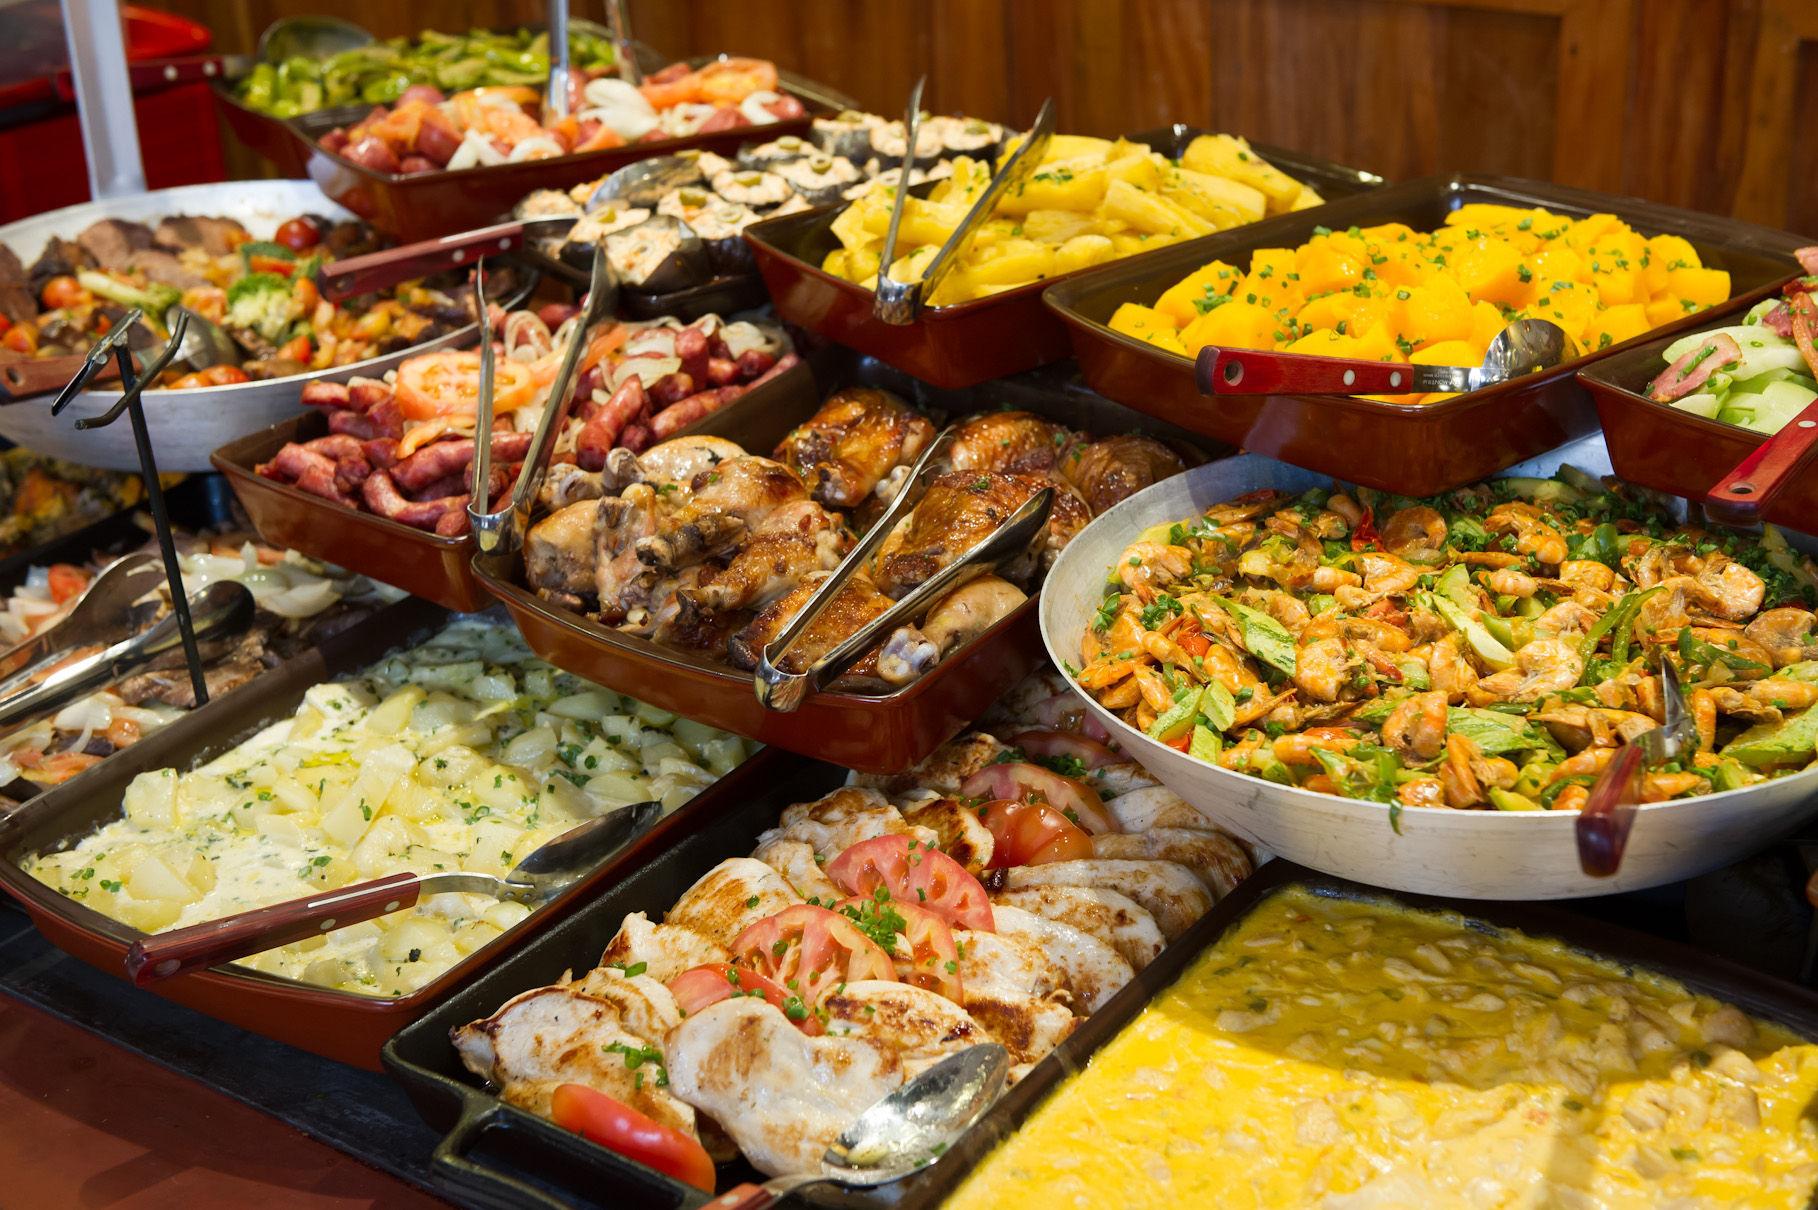 Ahora vamos con los gustos, ¿Qué prefieres en cuánto a comida?